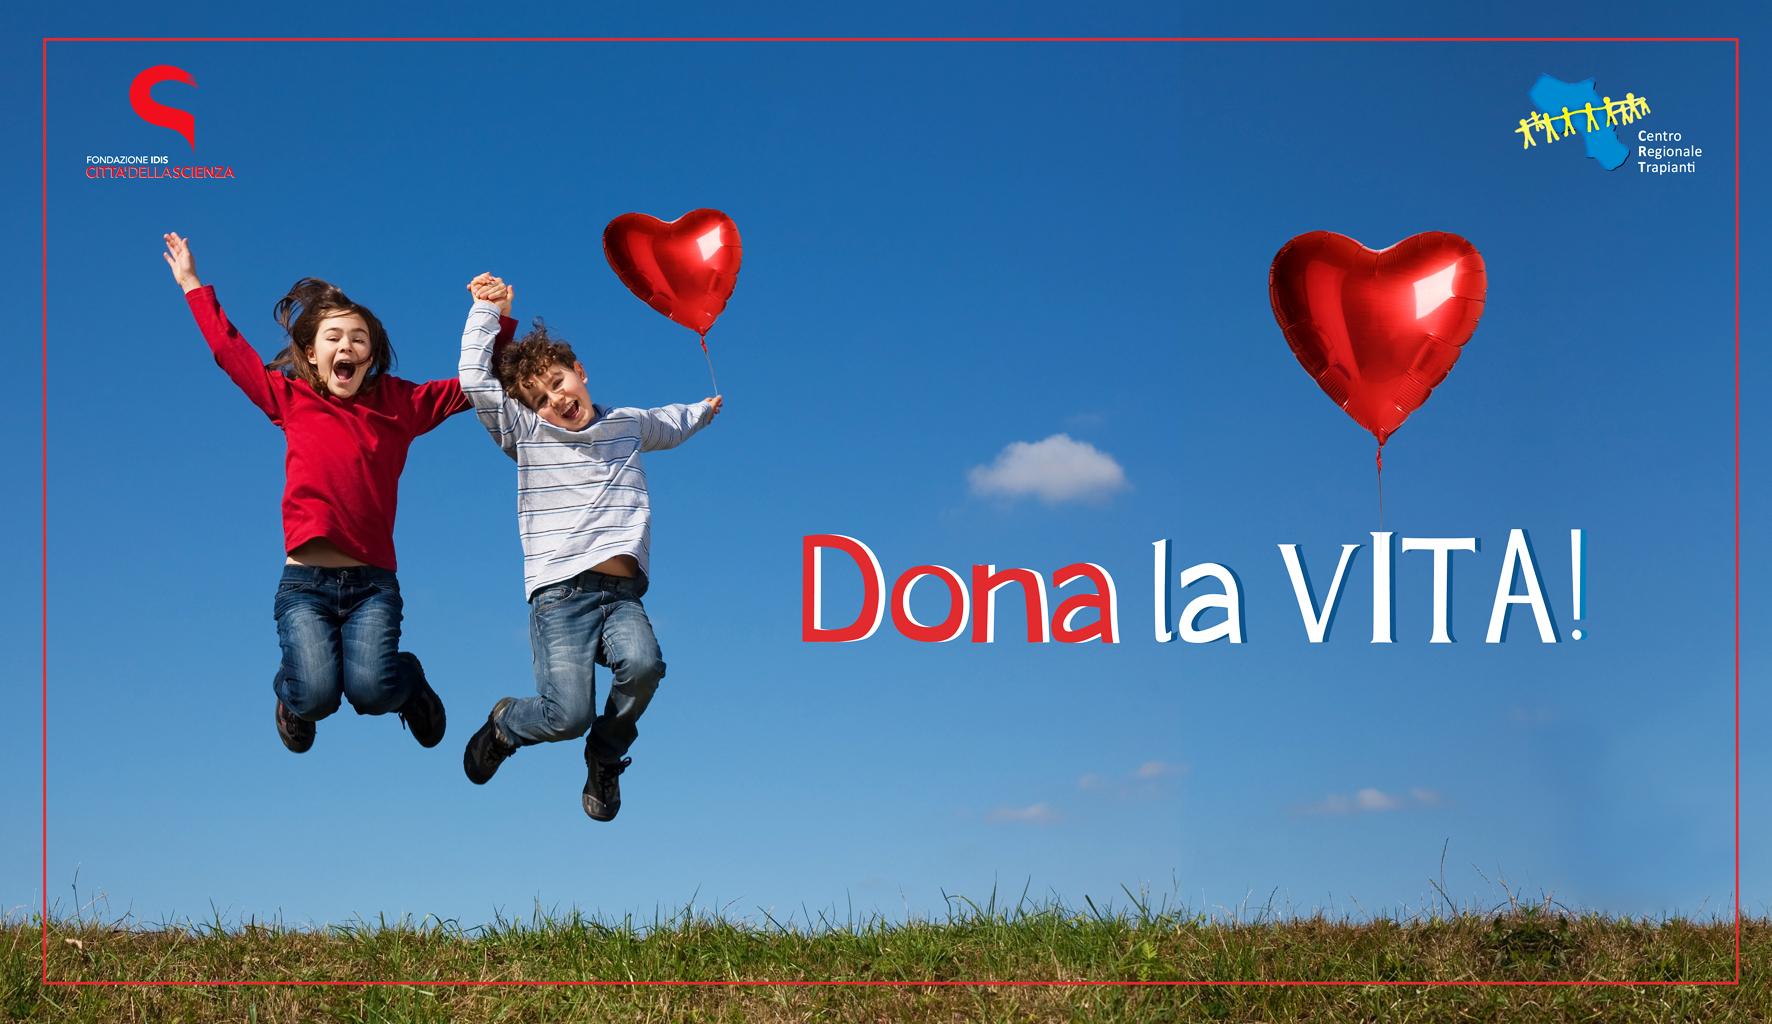 donalavita